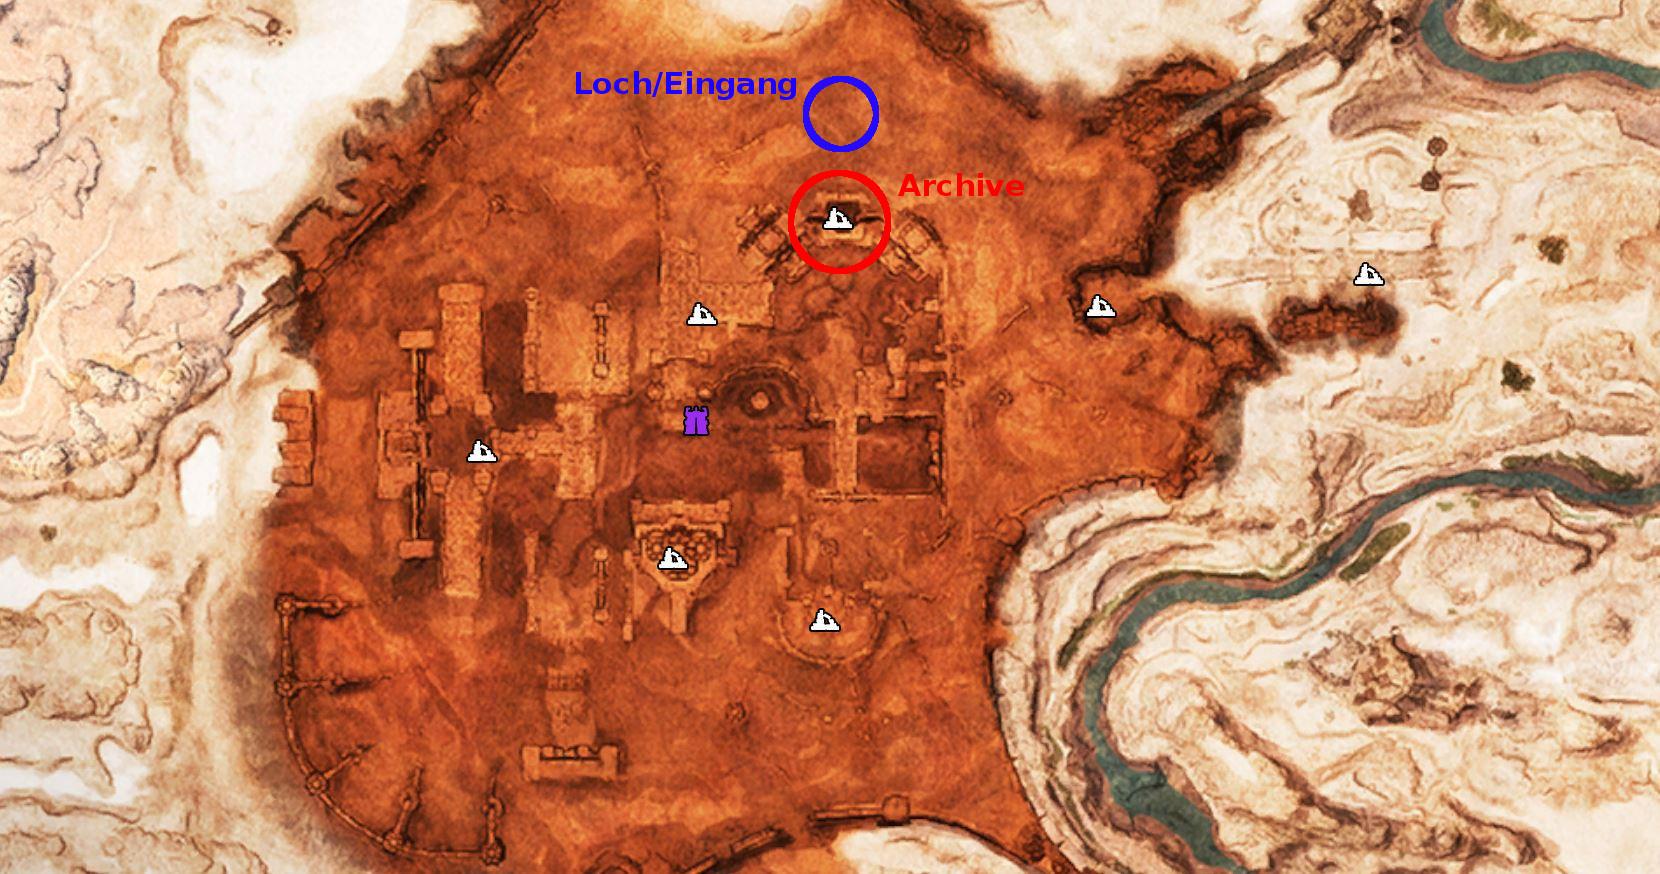 Minecraft Kartentisch Rezept.So Findet Ihr Den Archivar Und Benutzt Den Kartenraum In Conan Exiles